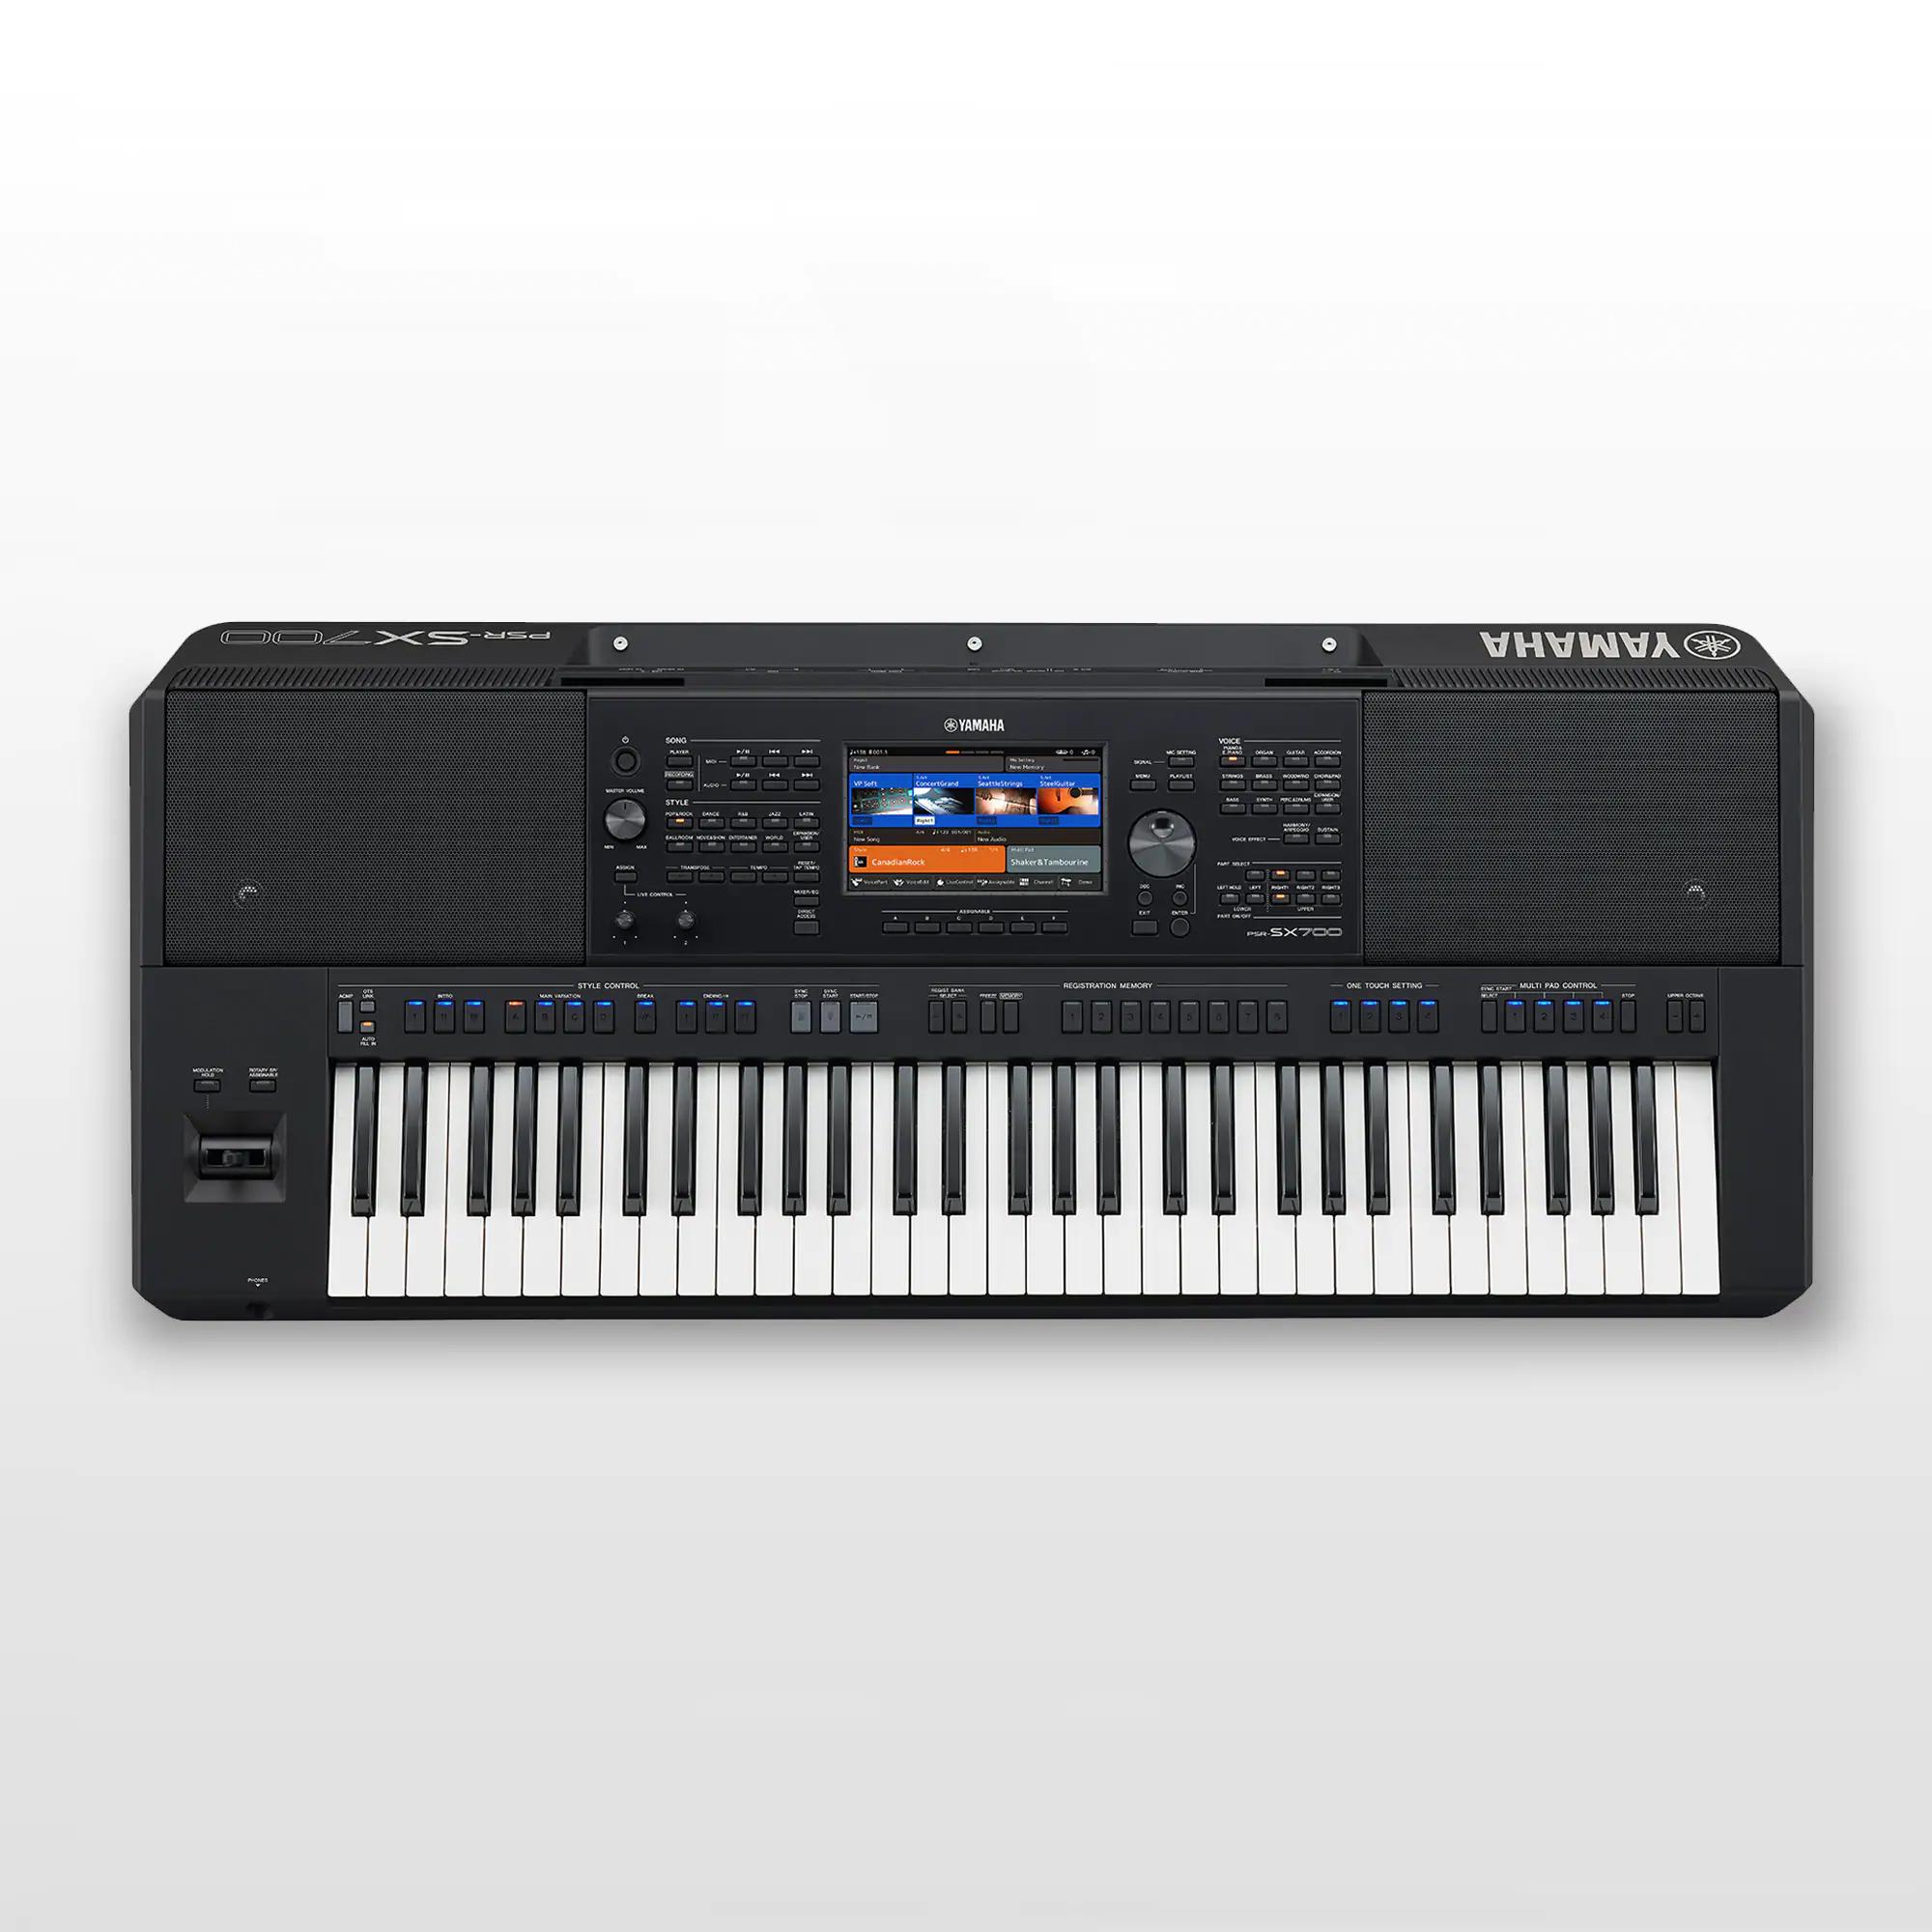 Yamaha Psr Sx700 (New)